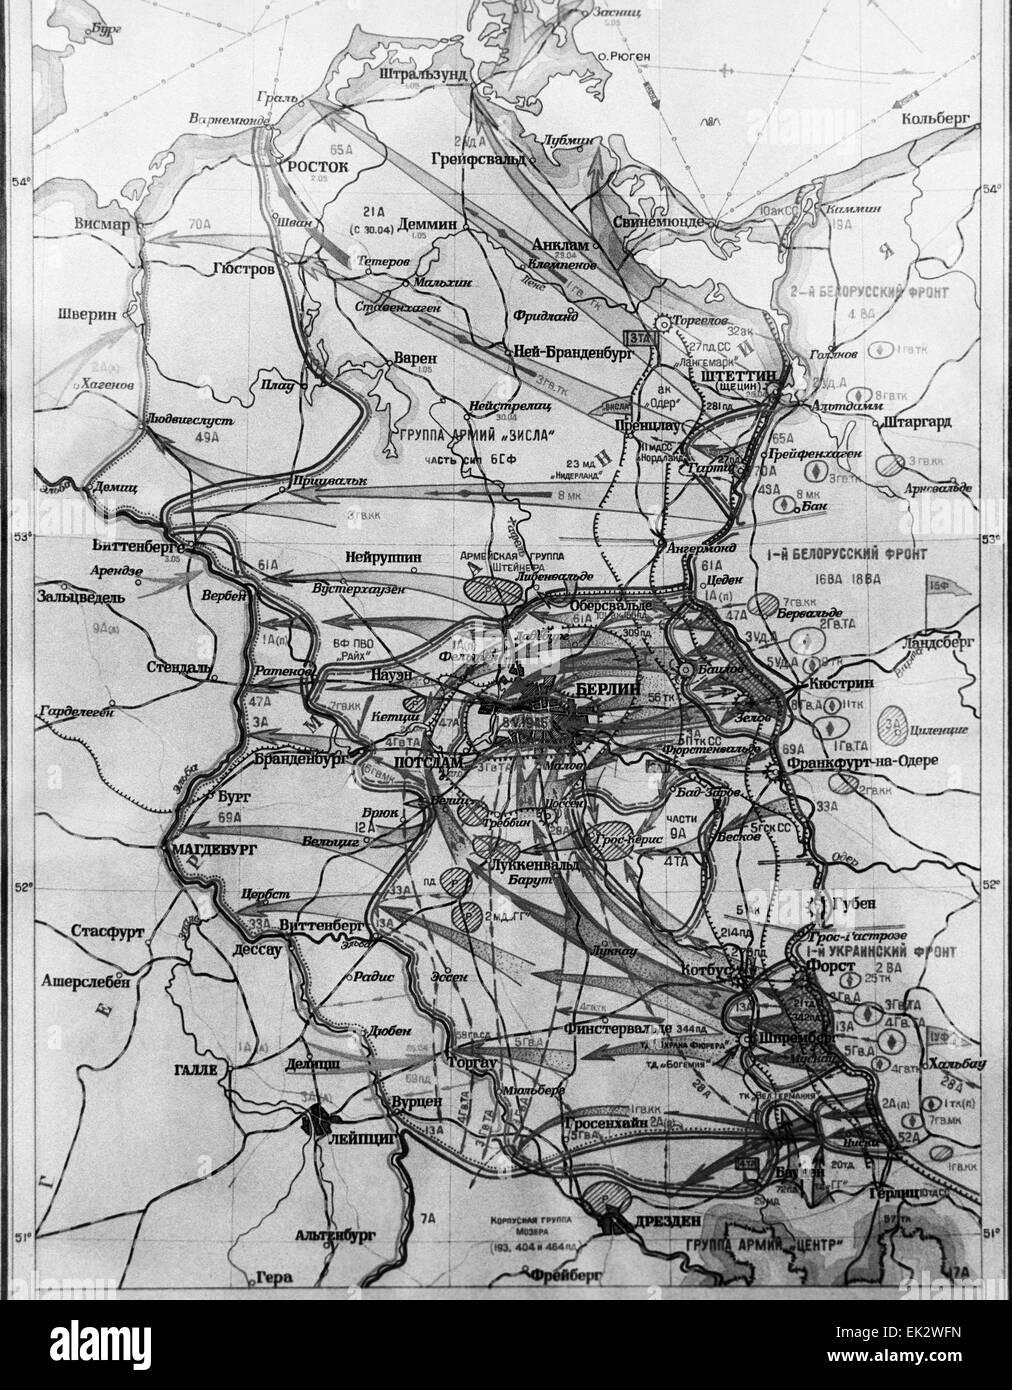 schlacht um berlin karte Deutschland. Die Karte der Schlacht um Berlin Operation  schlacht um berlin karte